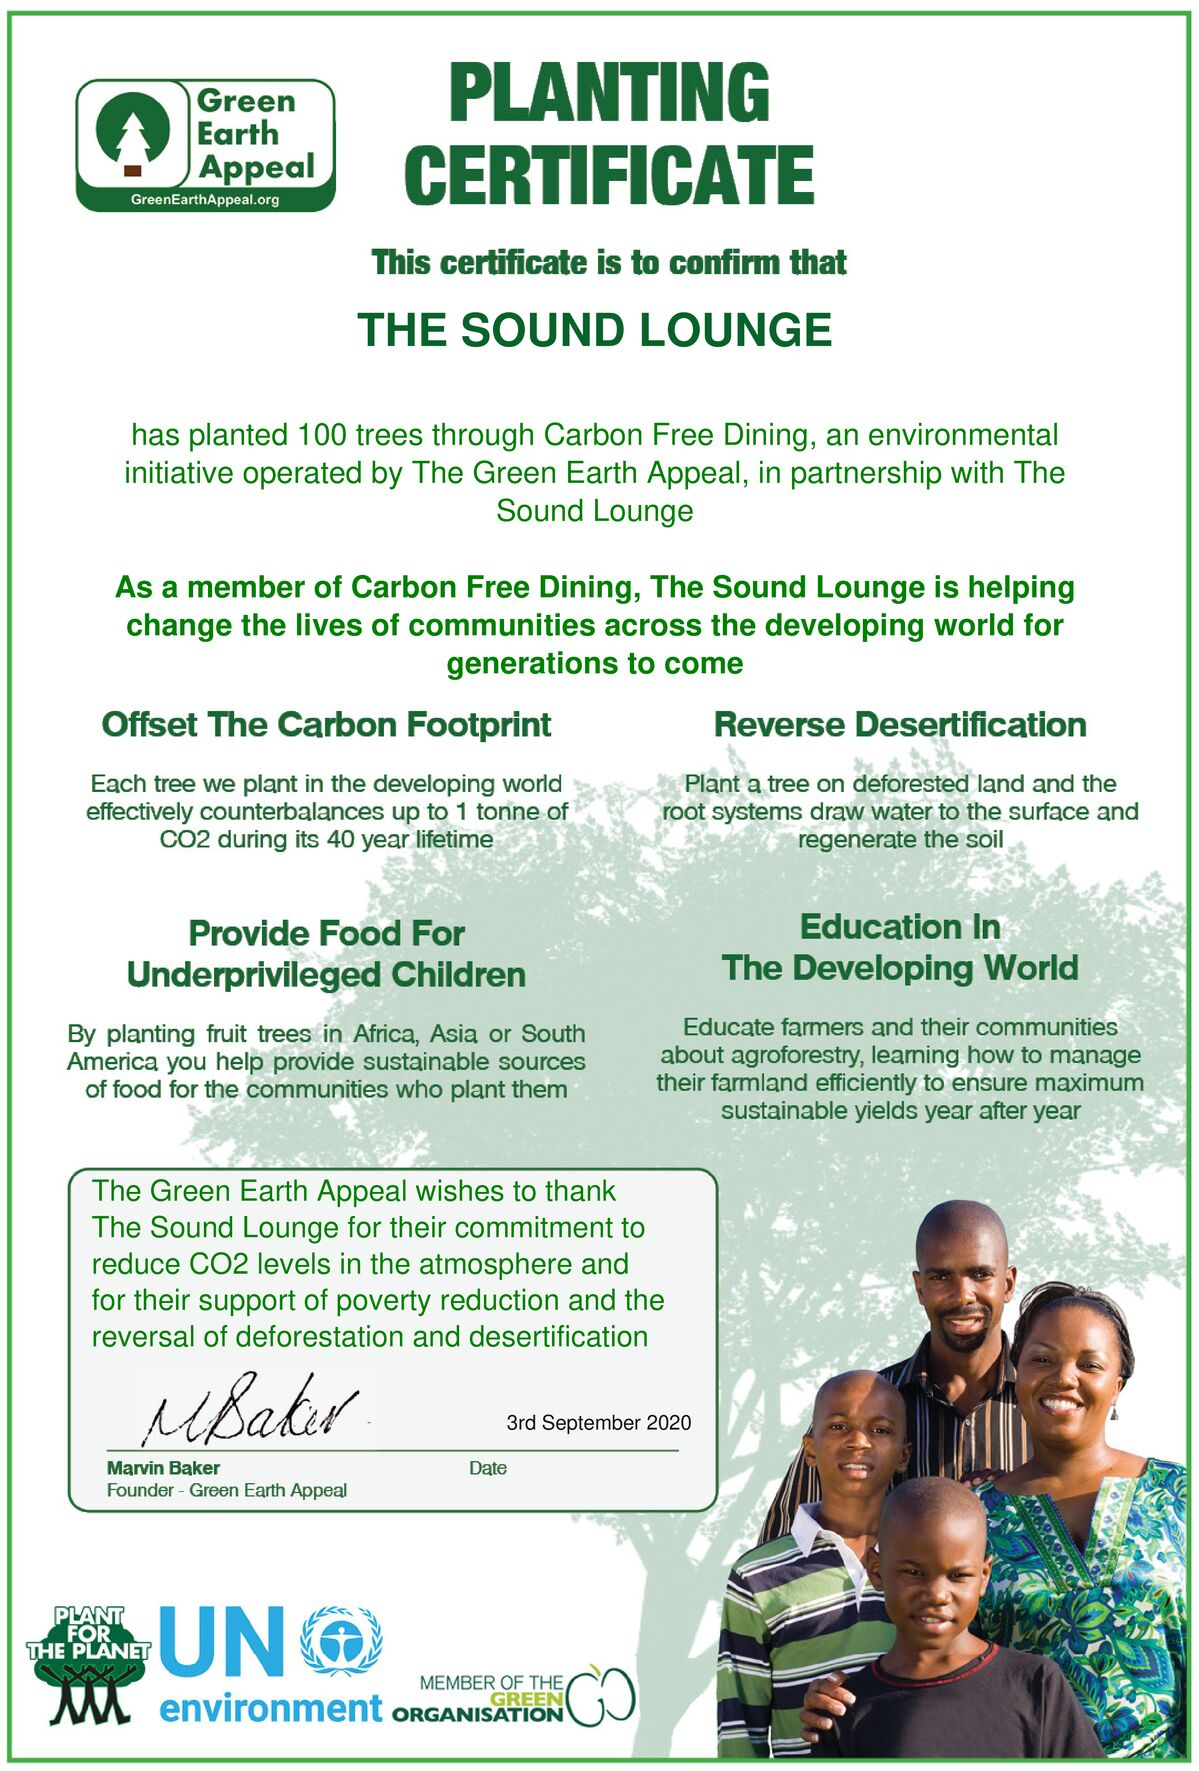 Le Sound Lounge